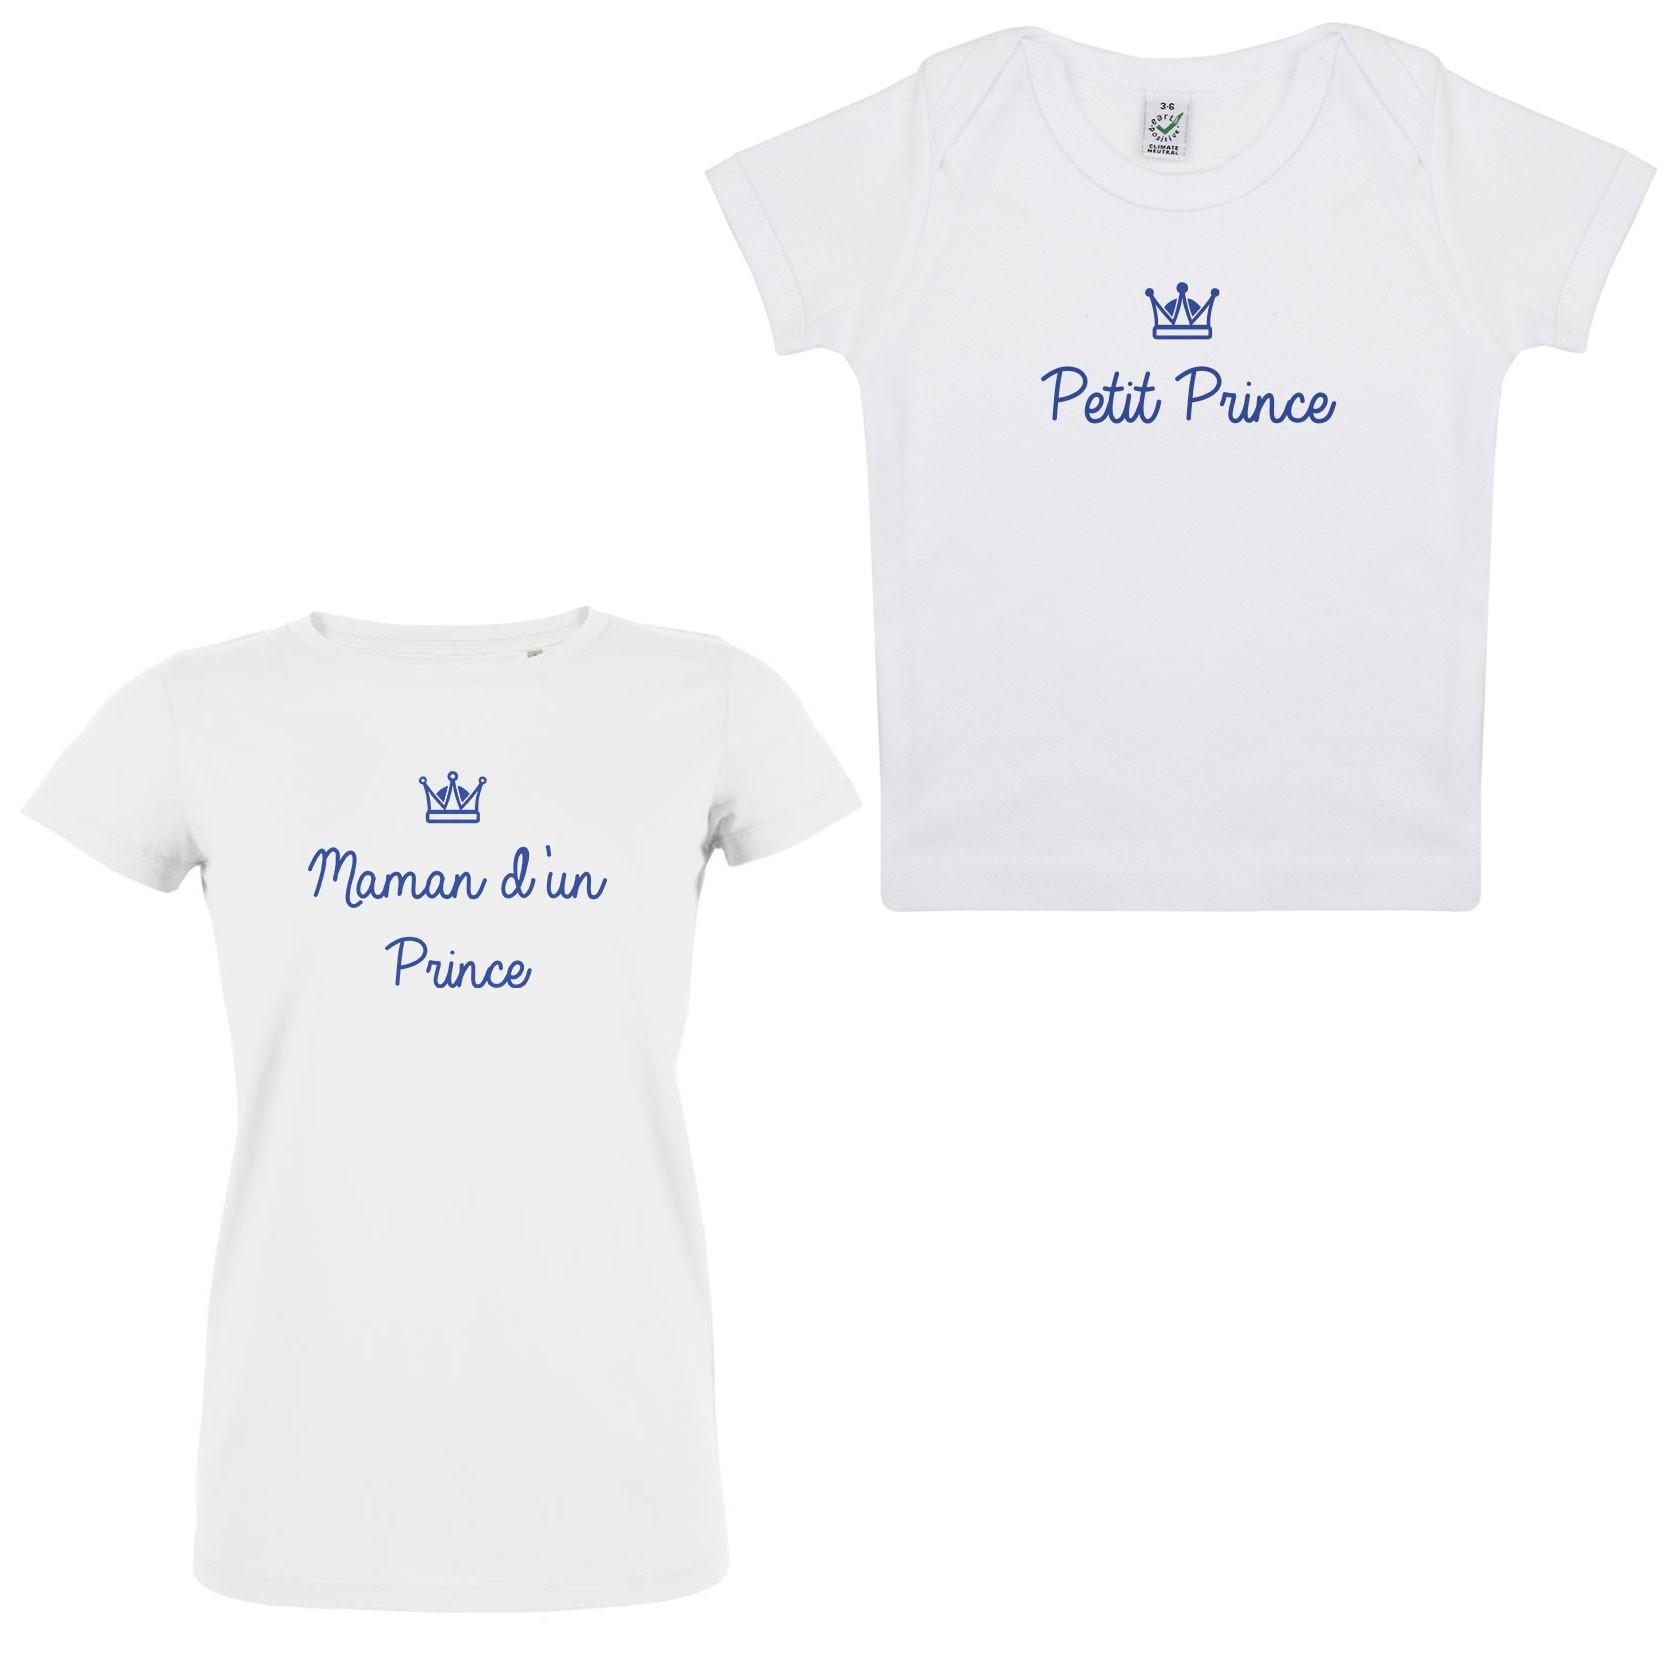 Coffret Tshirt Prince